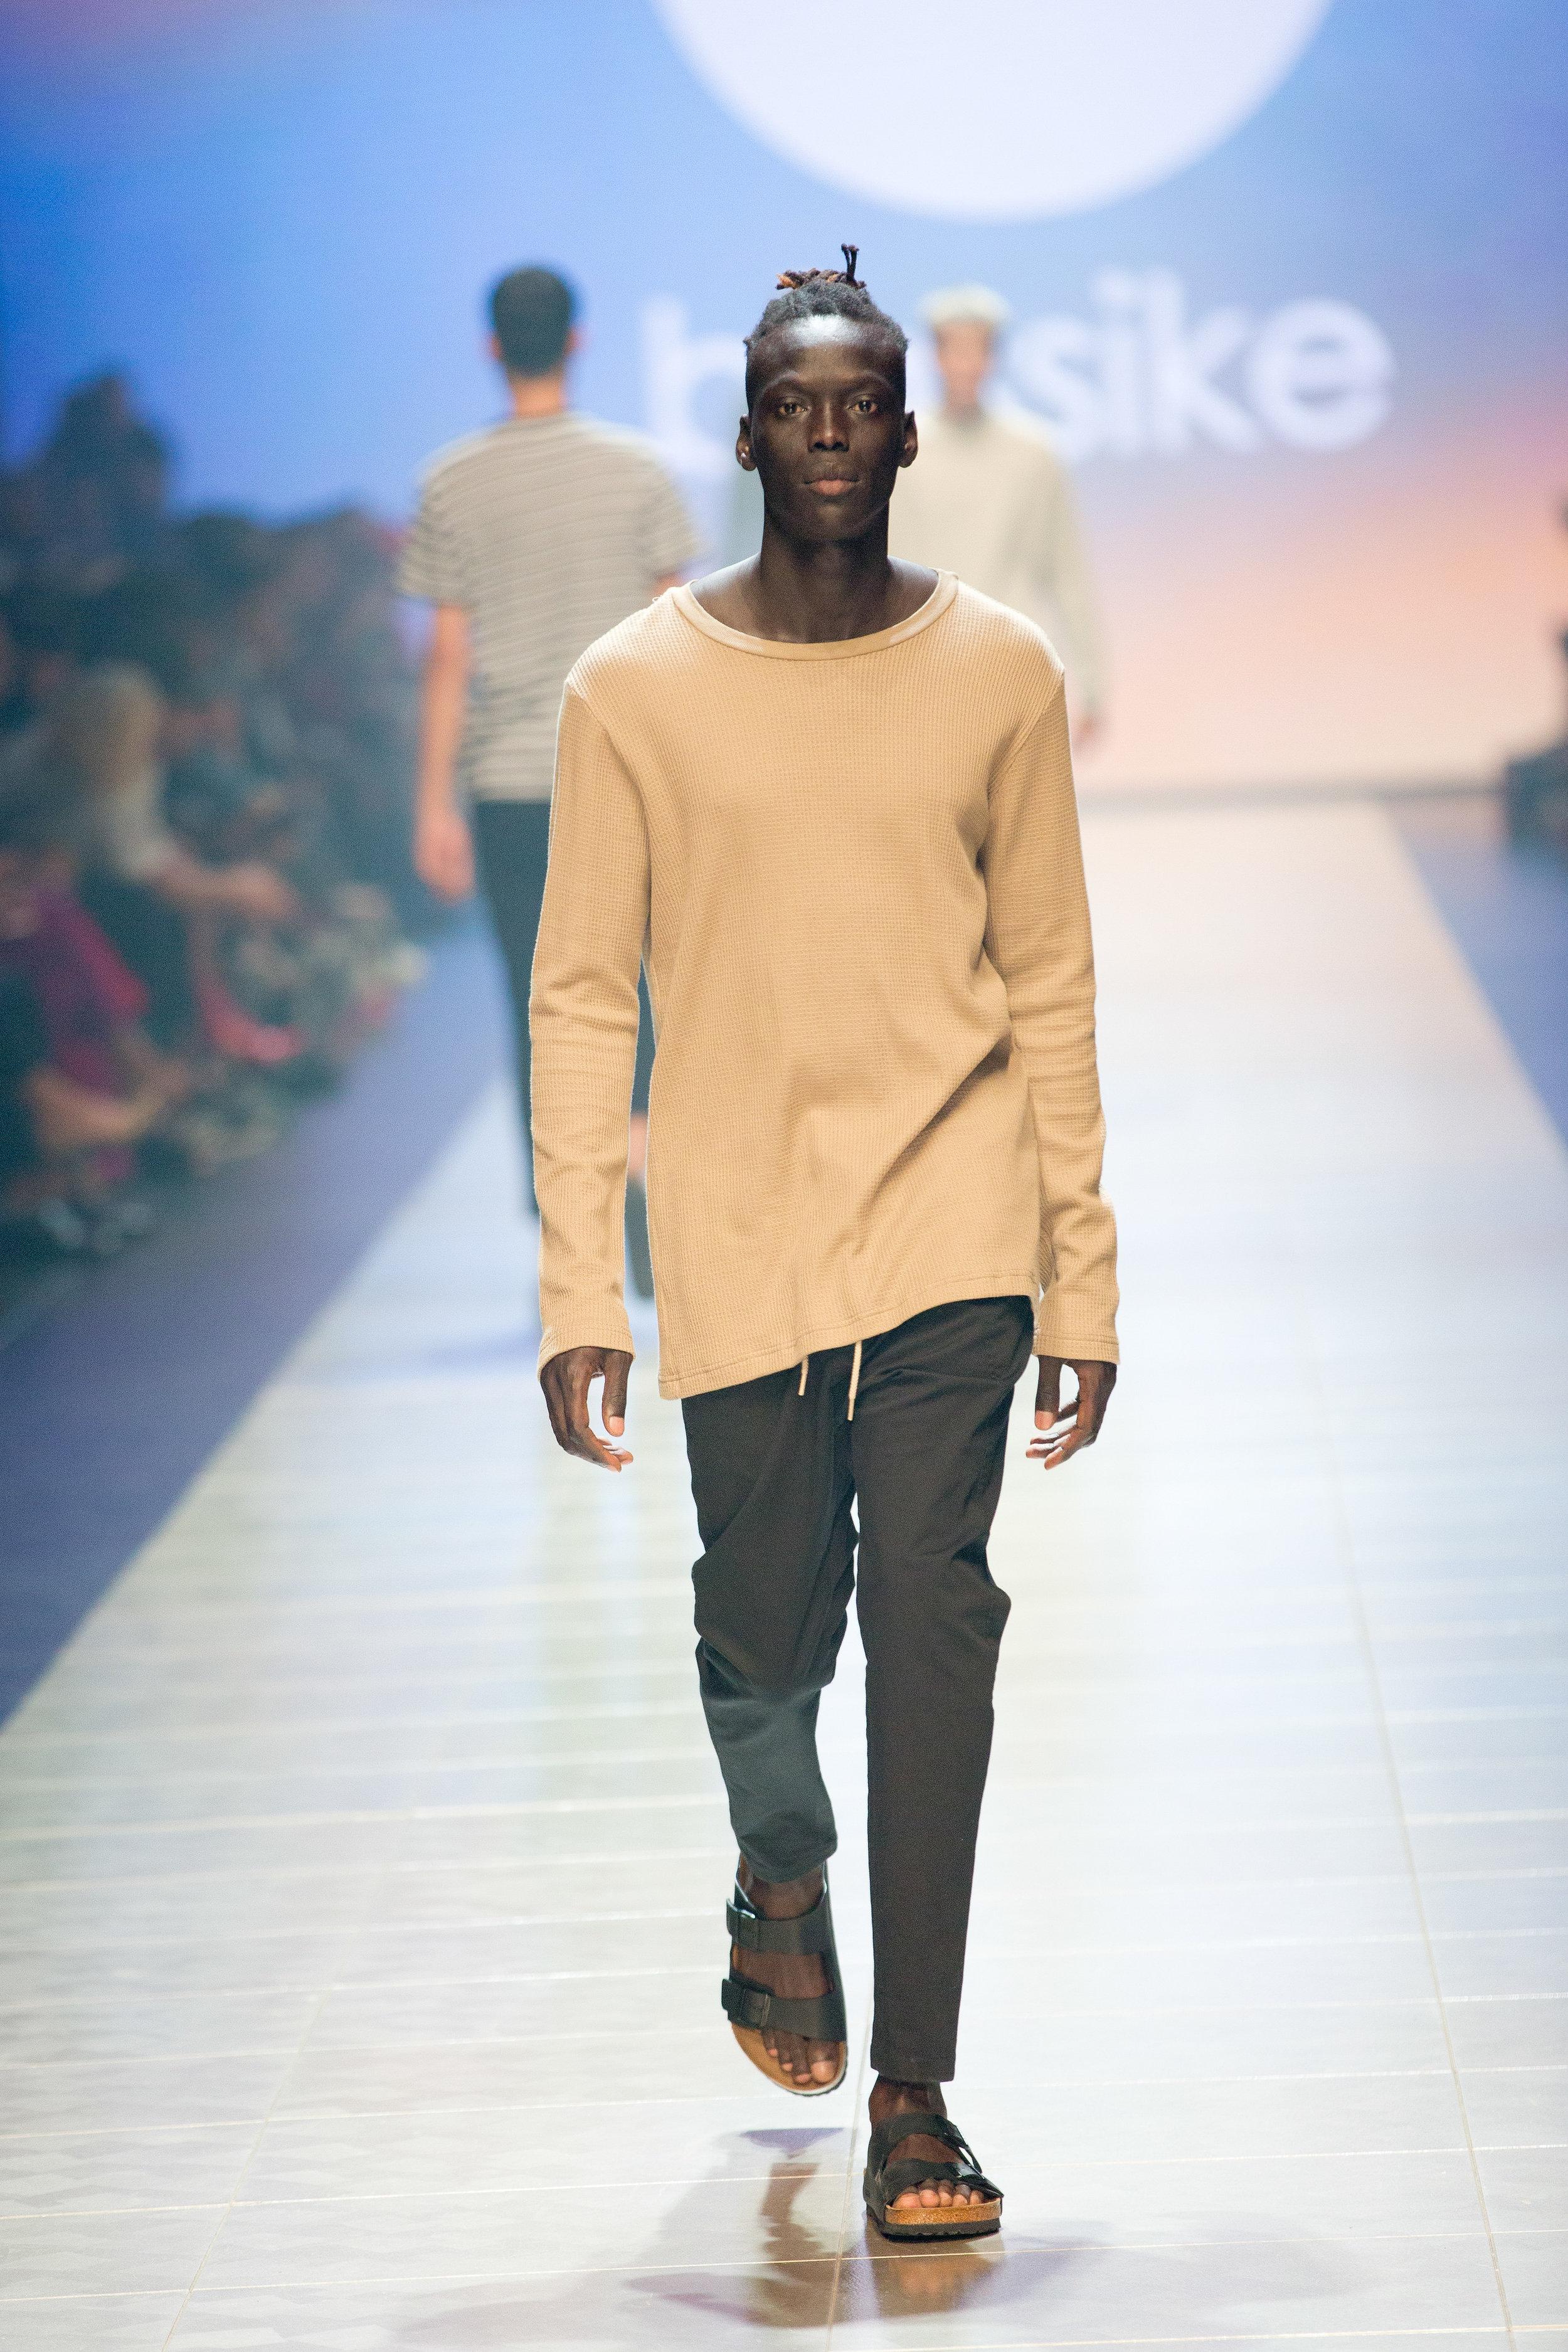 VAMFF2019_GQ Menswear-251.jpg